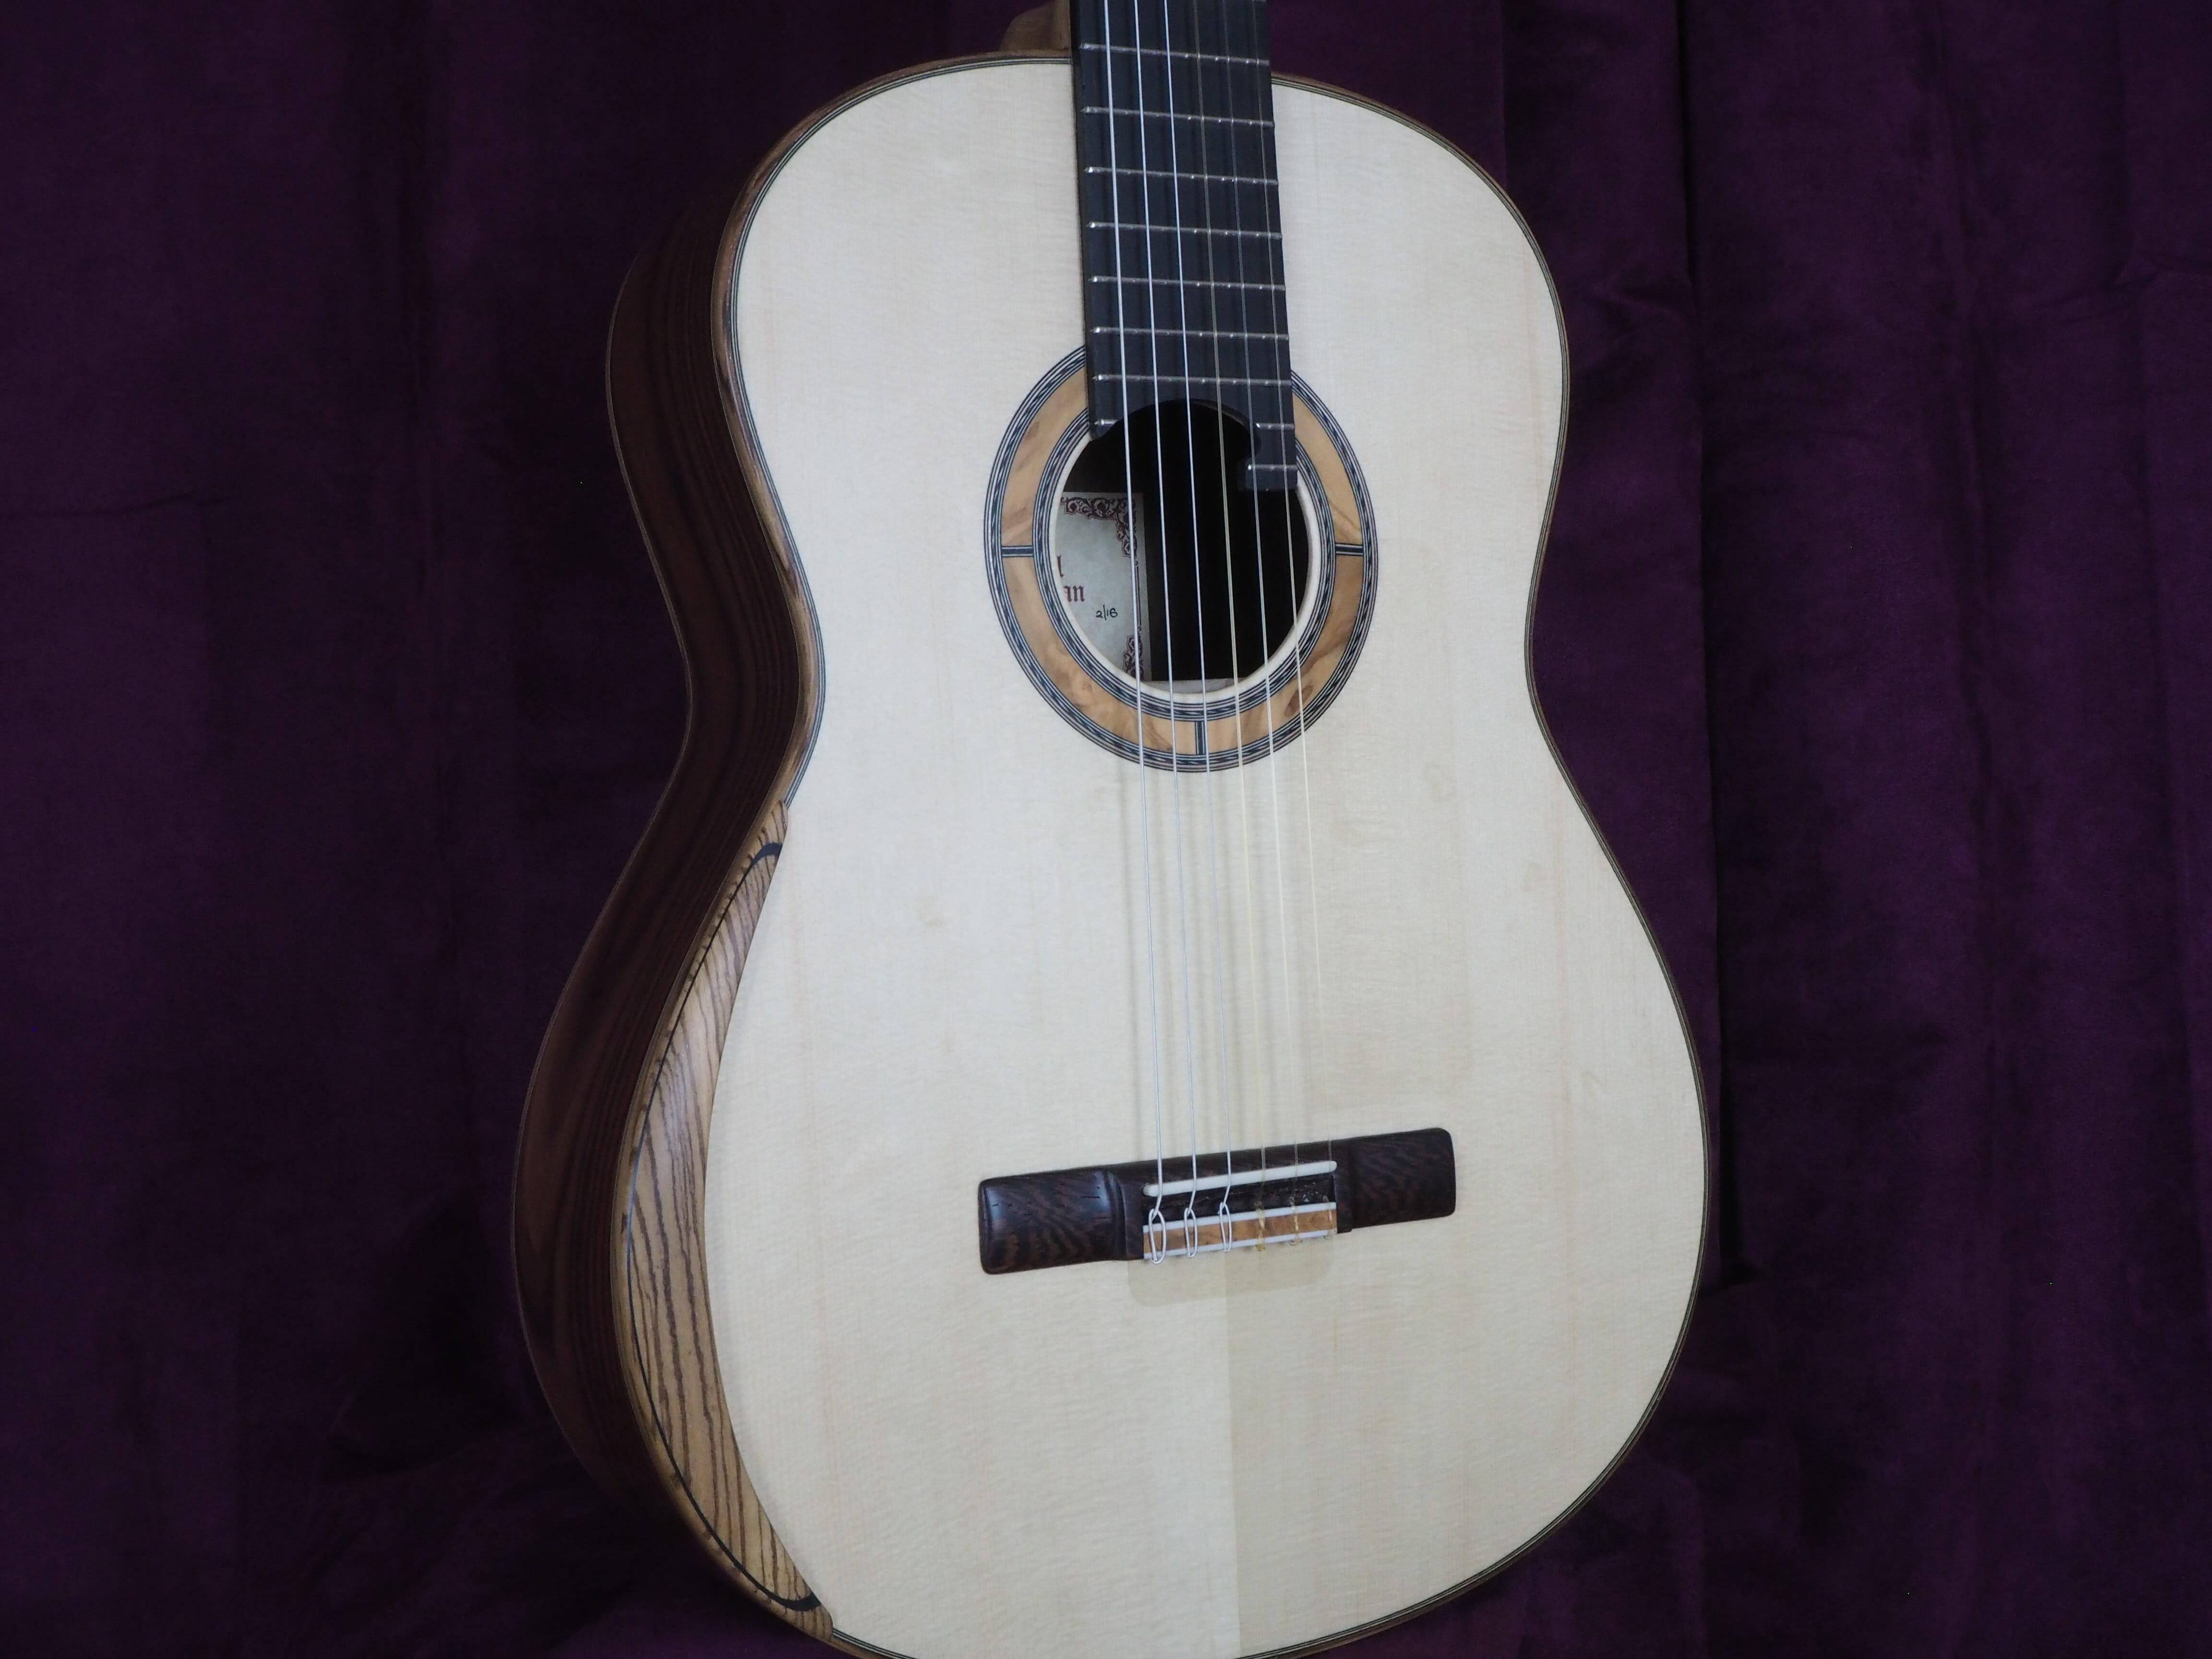 Paul sheridan guitare classique de concert lattice